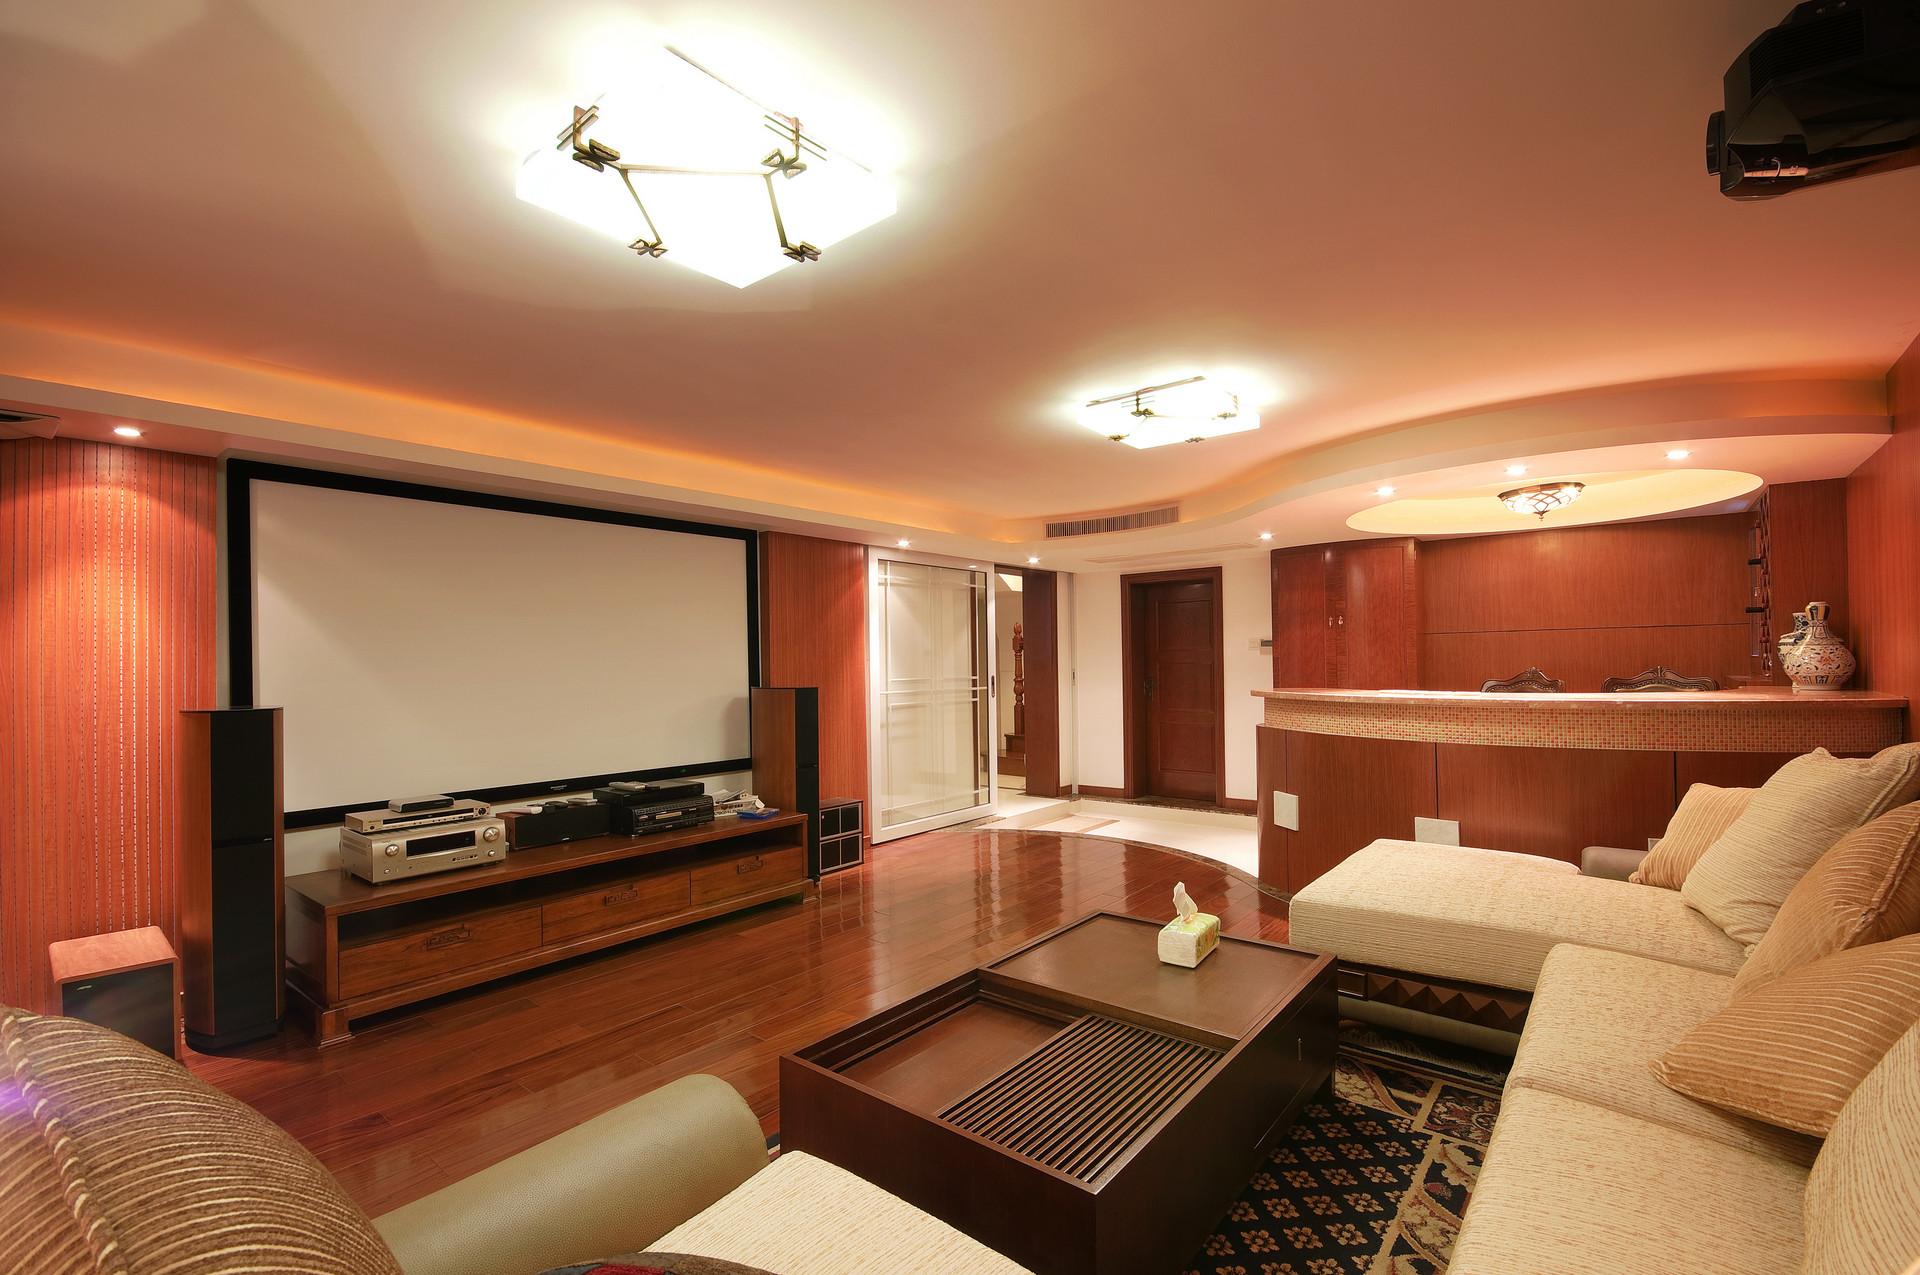 应对长期宅家,投影仪让家变影院